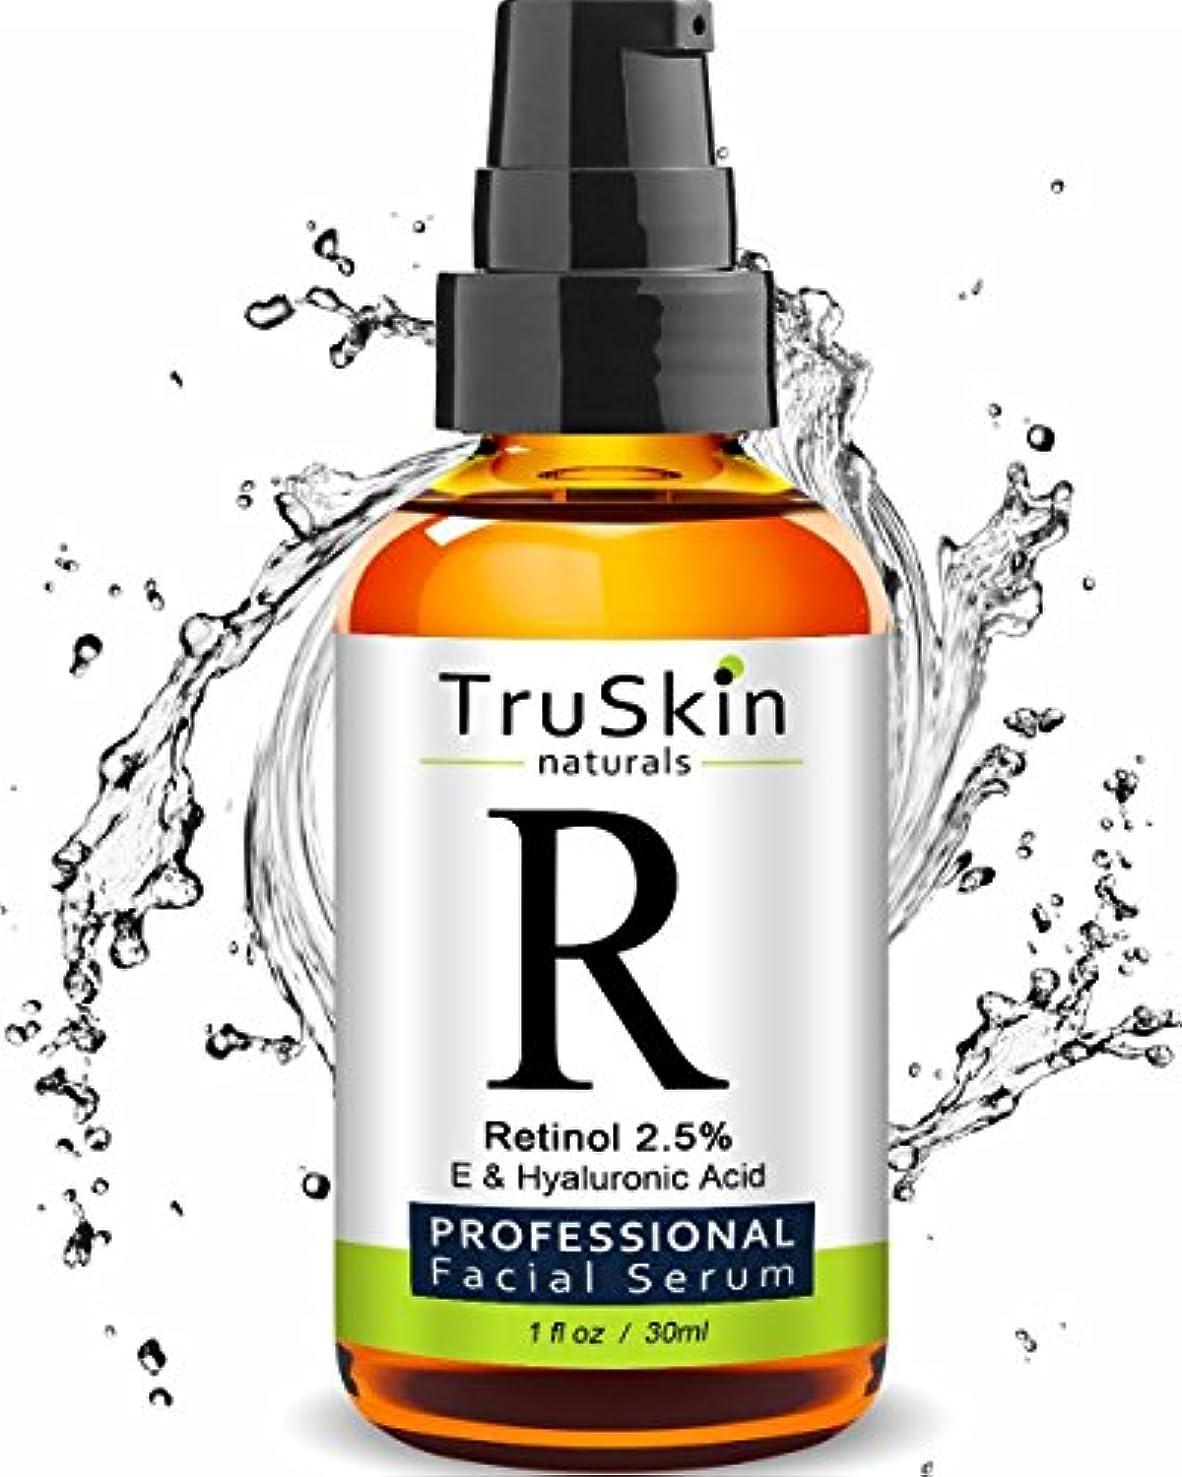 太字残り課すアメリカで一番売れてる TruSkin Naturals社 の オーガニック ビタミンCセラム TruSkin Naturals Vitamin C Serum